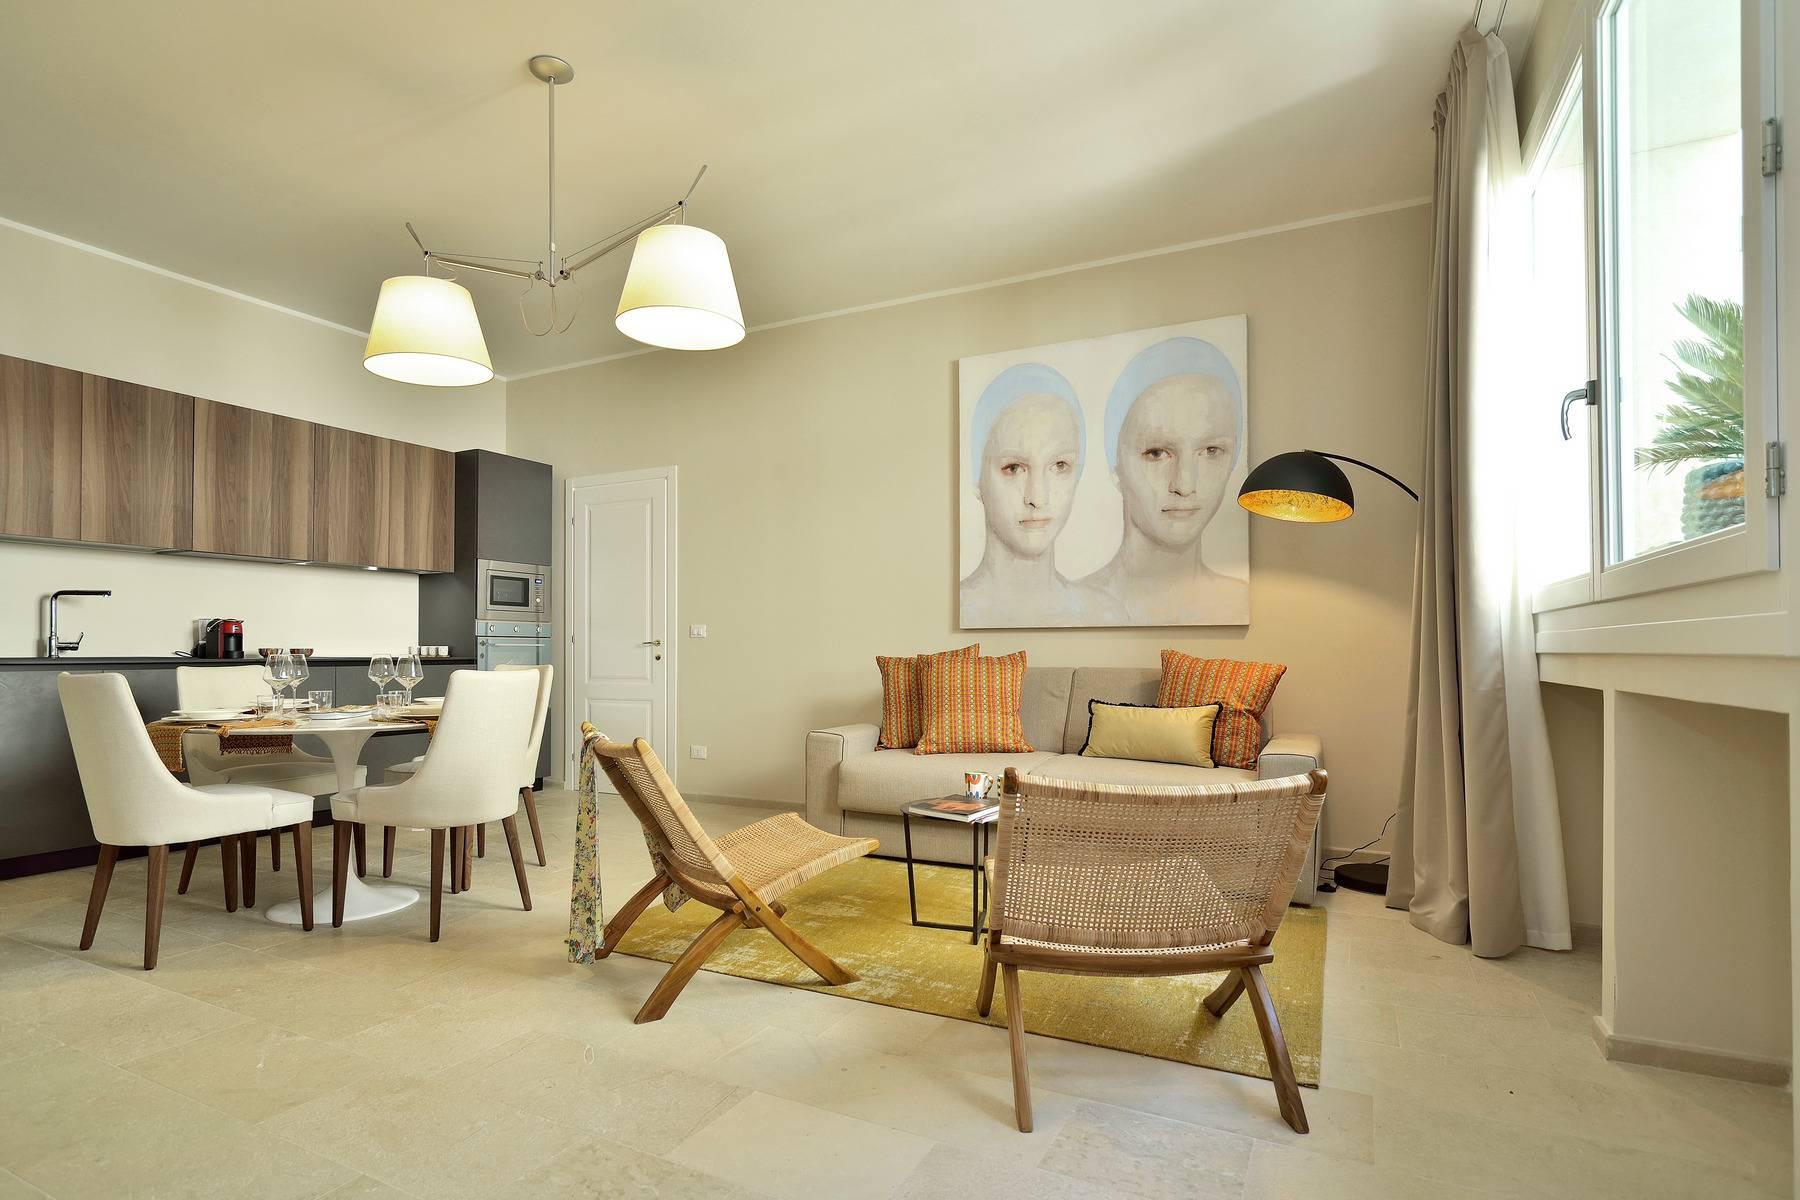 Appartamento in Vendita a Noto: 3 locali, 73 mq - Foto 4